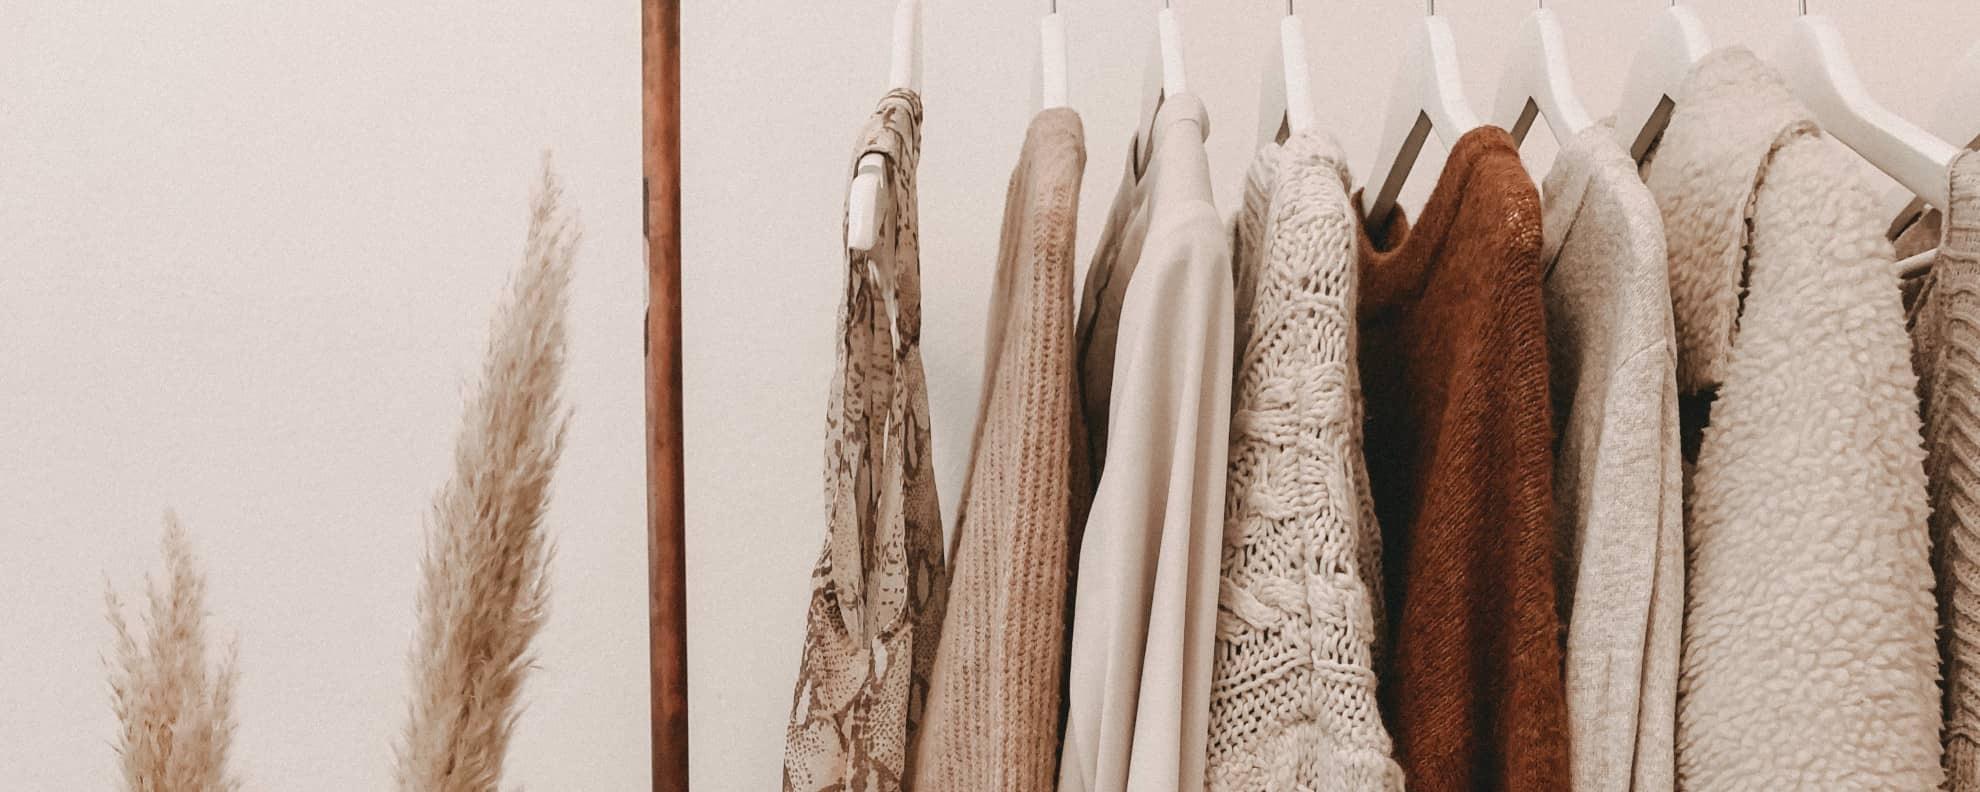 Was ist nachhaltige Mode? Die 5 wichtigsten Kriterien